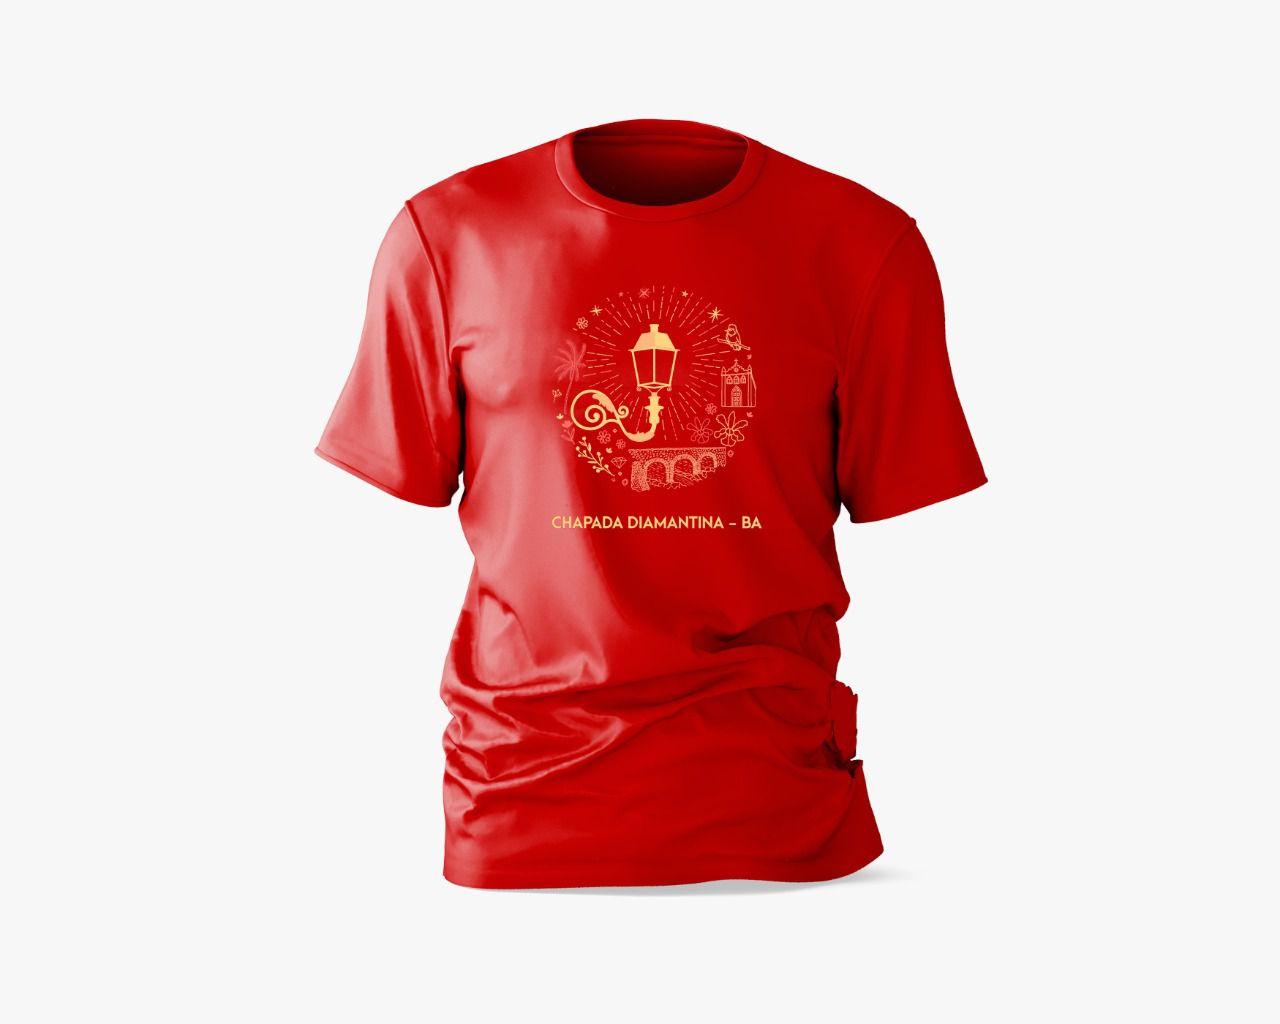 Camisa Chapada Diamantina - LAMPIÃO